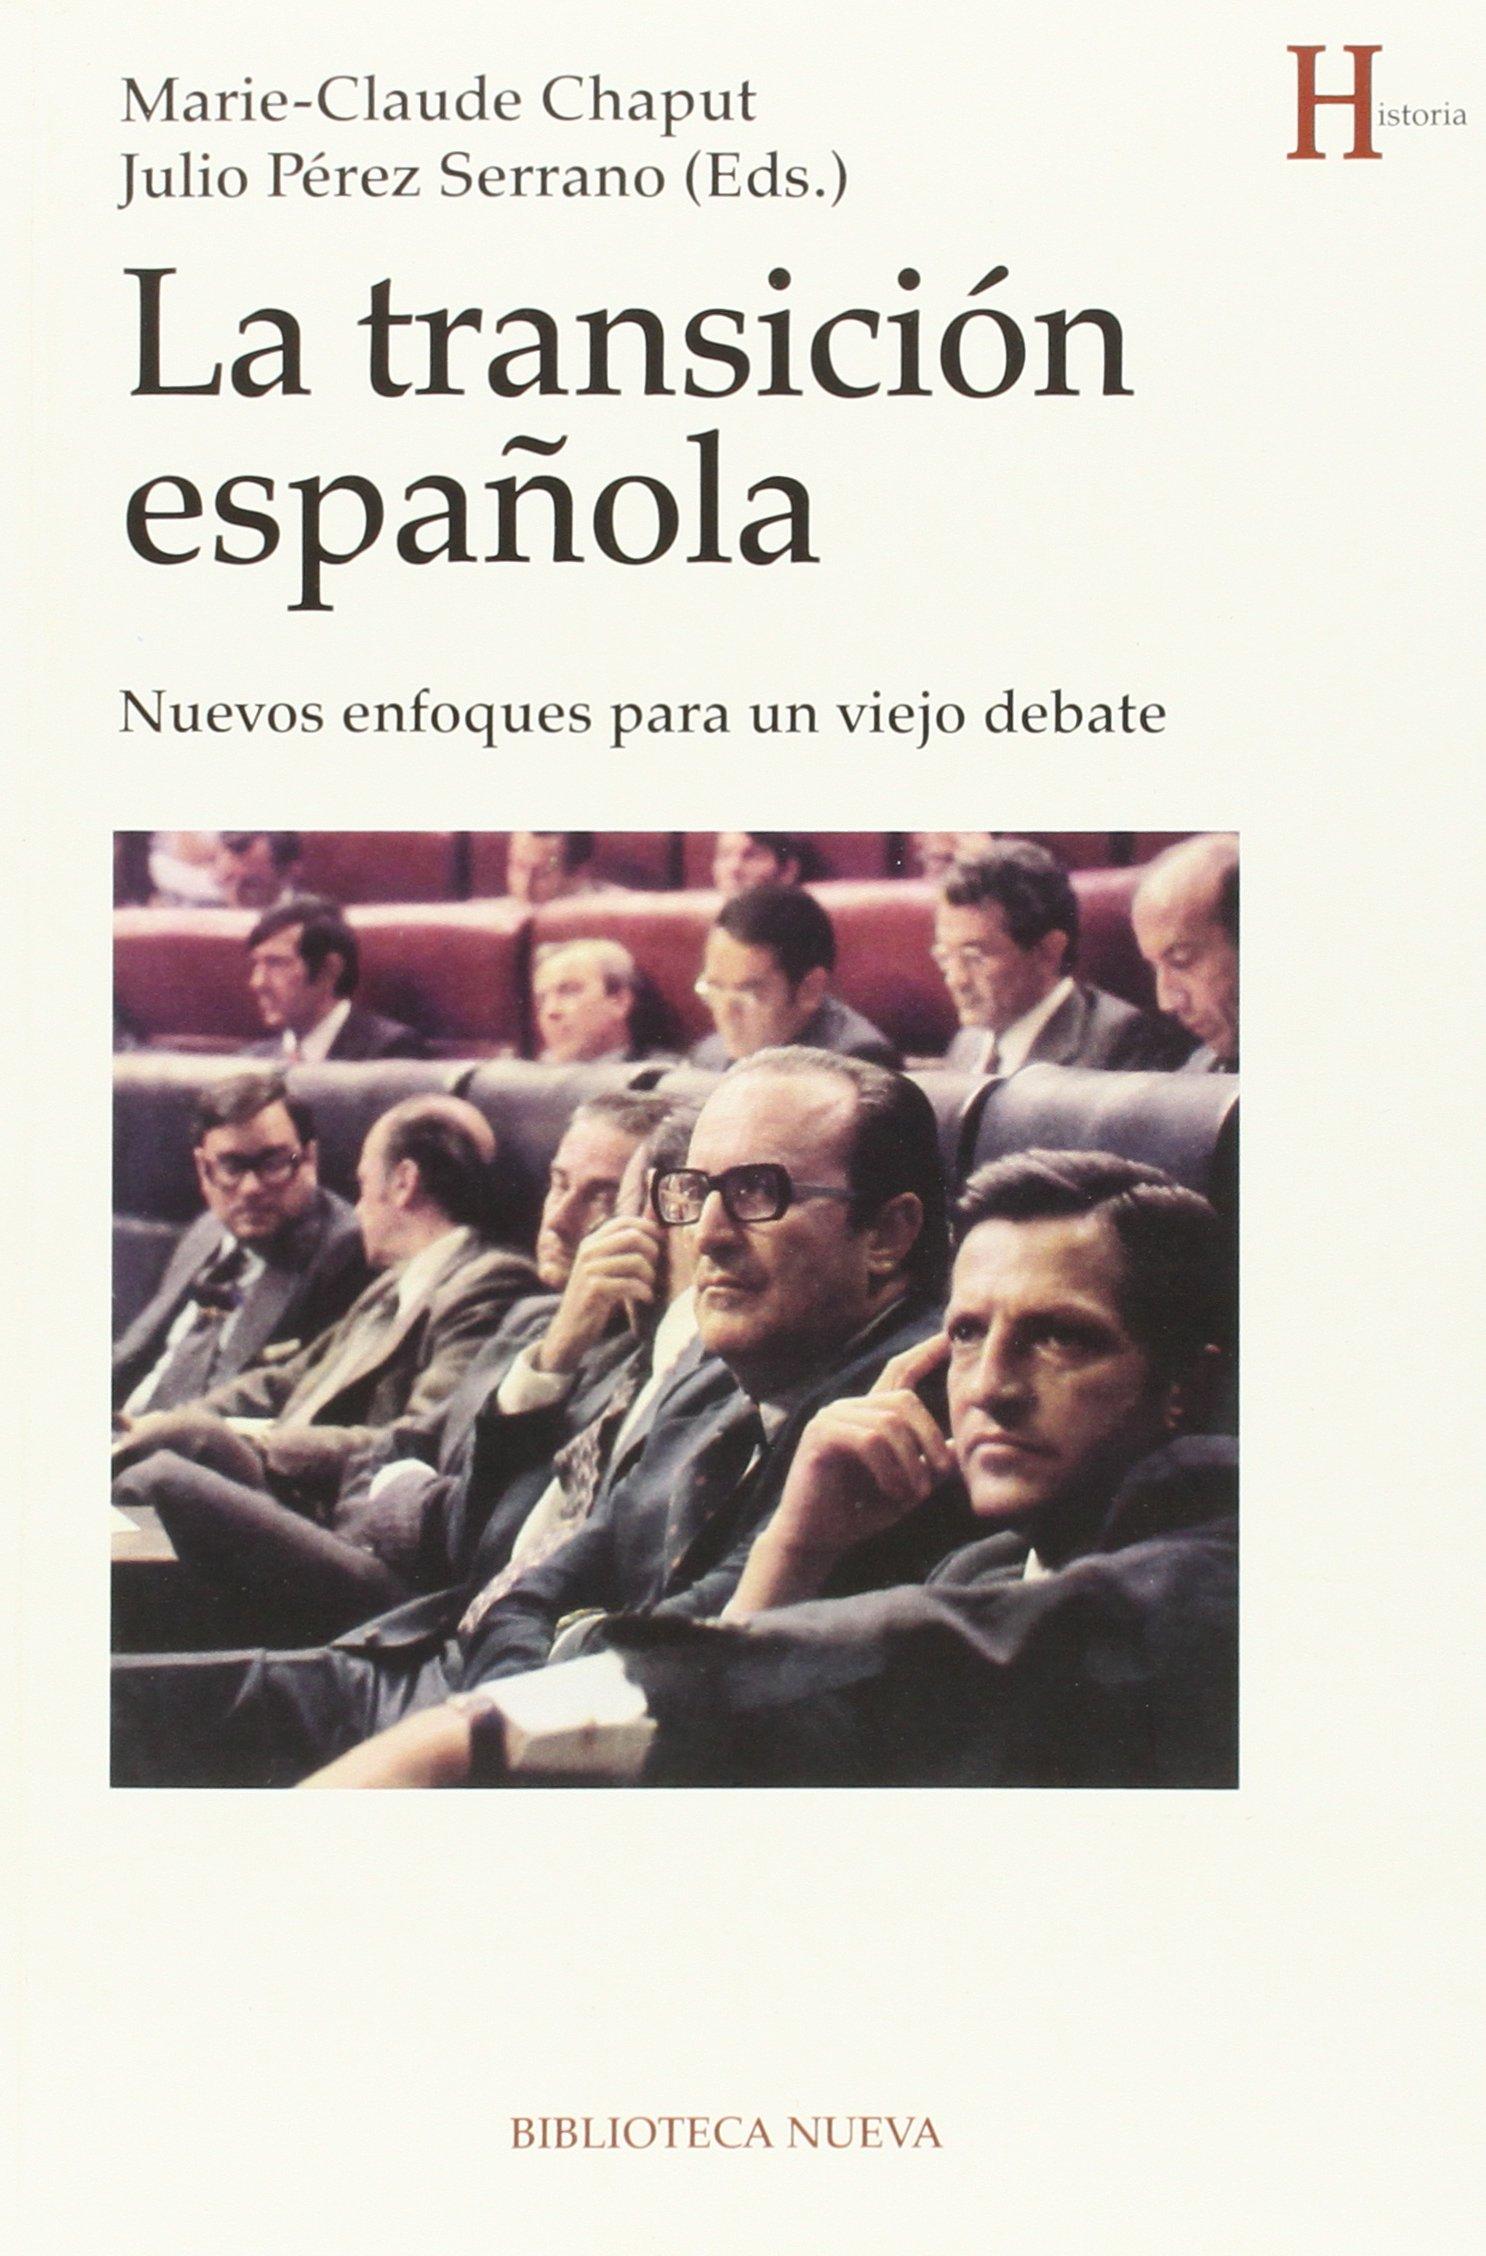 La transición española: Nuevos enfoques para un viejo debate HISTORIA: Amazon.es: Claude Chaput, Marie: Libros